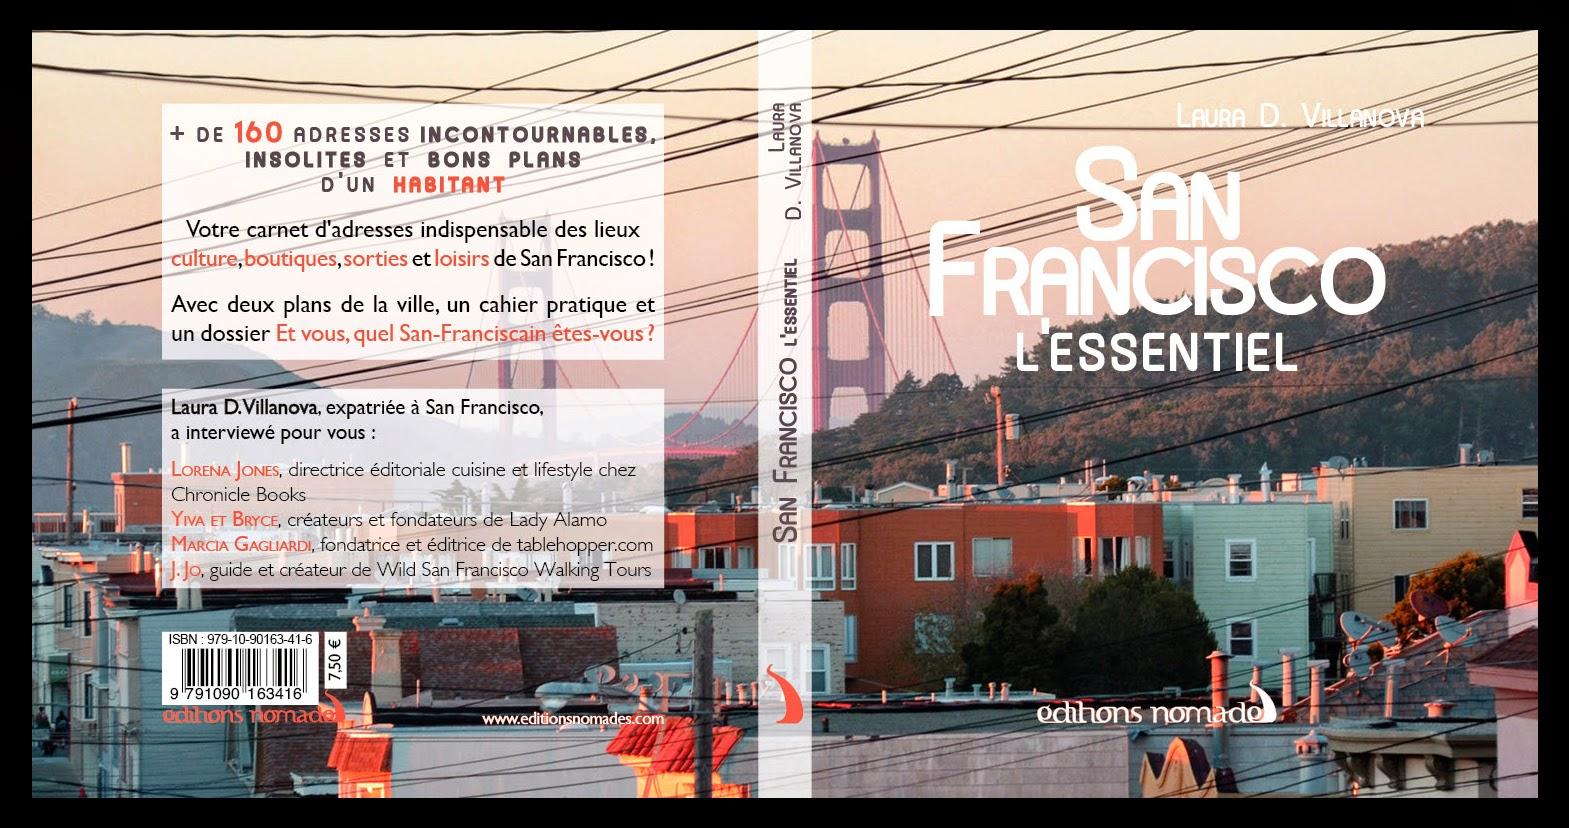 San Francisco, l'essentiel - Un guide de voyage aux Editions Nomades